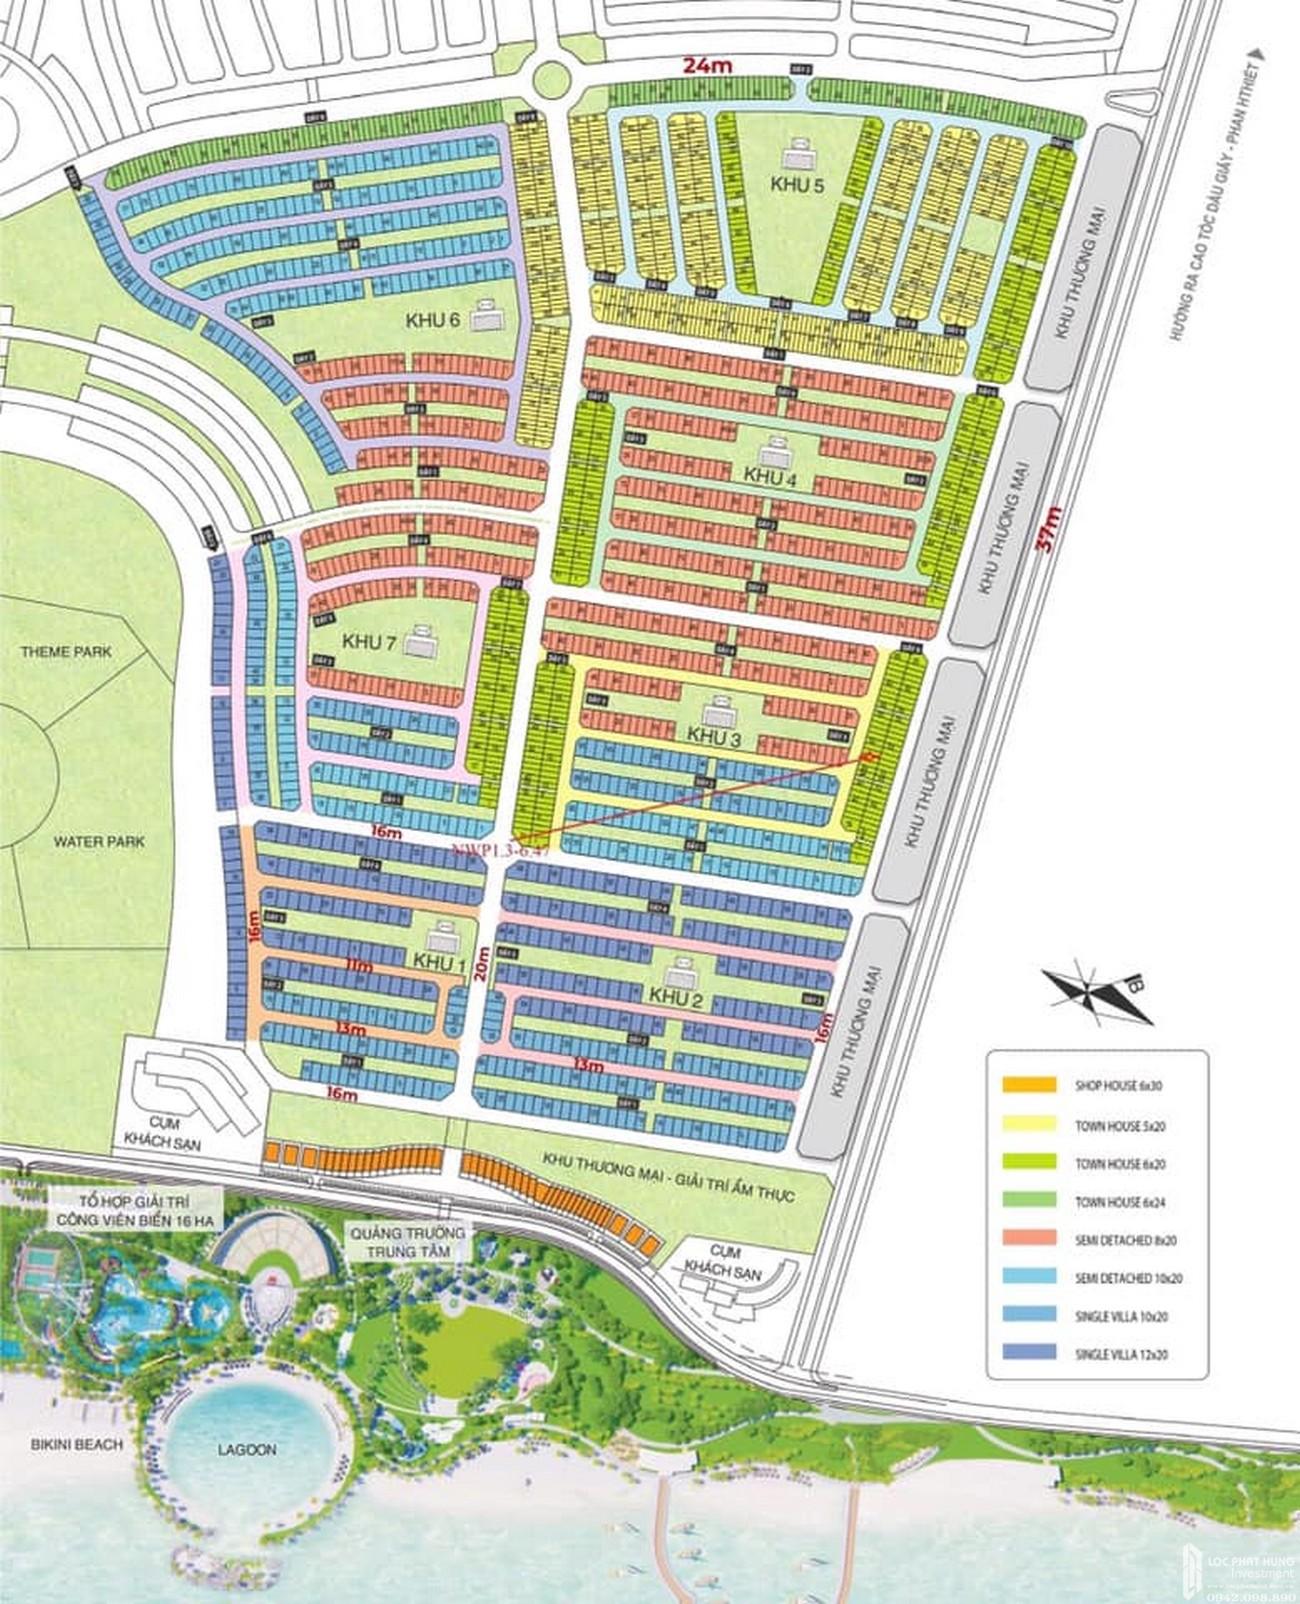 Mặt bằng dự án Khu đô thị Novaworld Phan Thiết đường Lạc Long Quân nhà phát triển Novaland